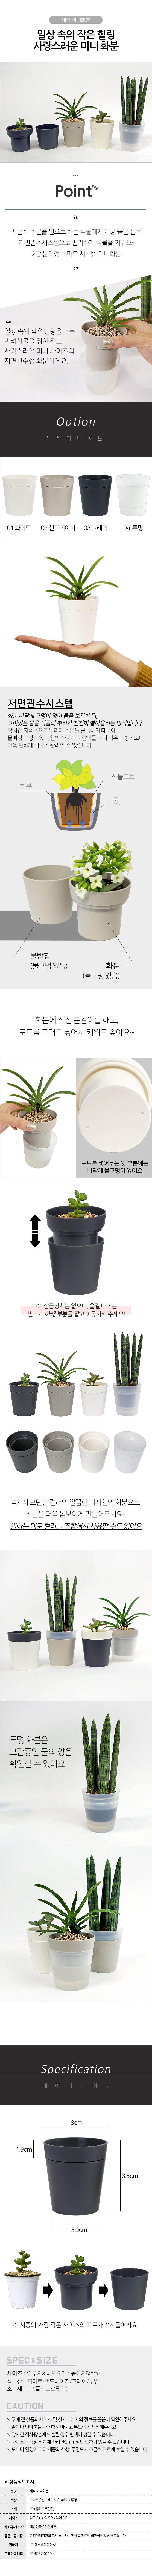 새싹미니화분 분리형 인테리어 플리스틱 화분